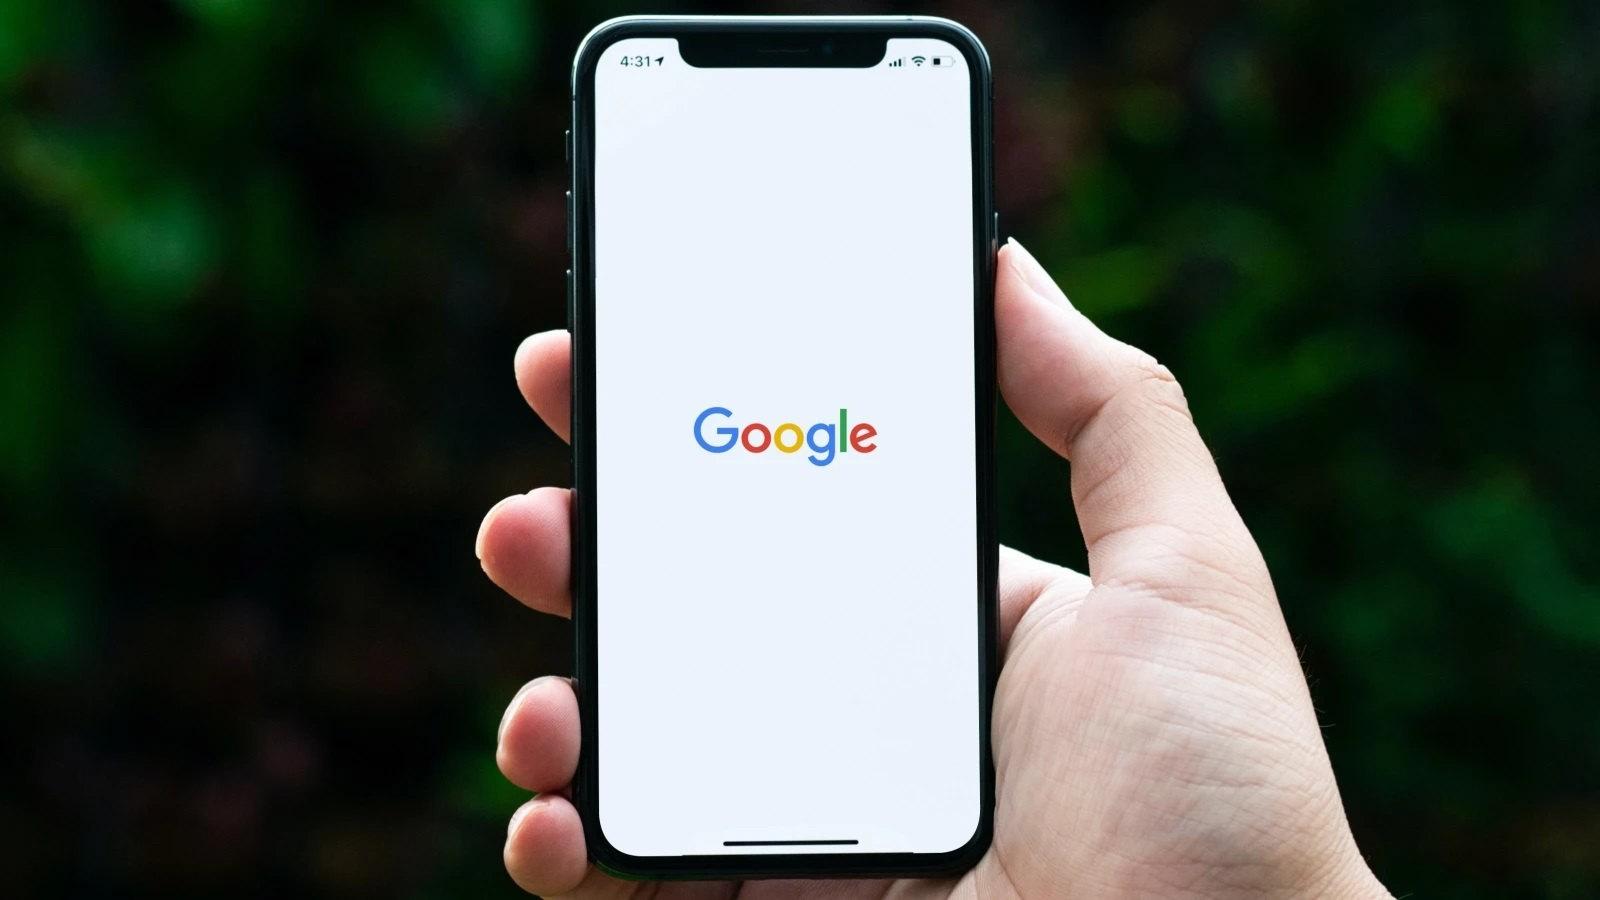 آیا اپل و گوگل بهواقع راهبرد انحصار را در قبال فروشگاه های برنامه خود در پیش گرفتهاند؟